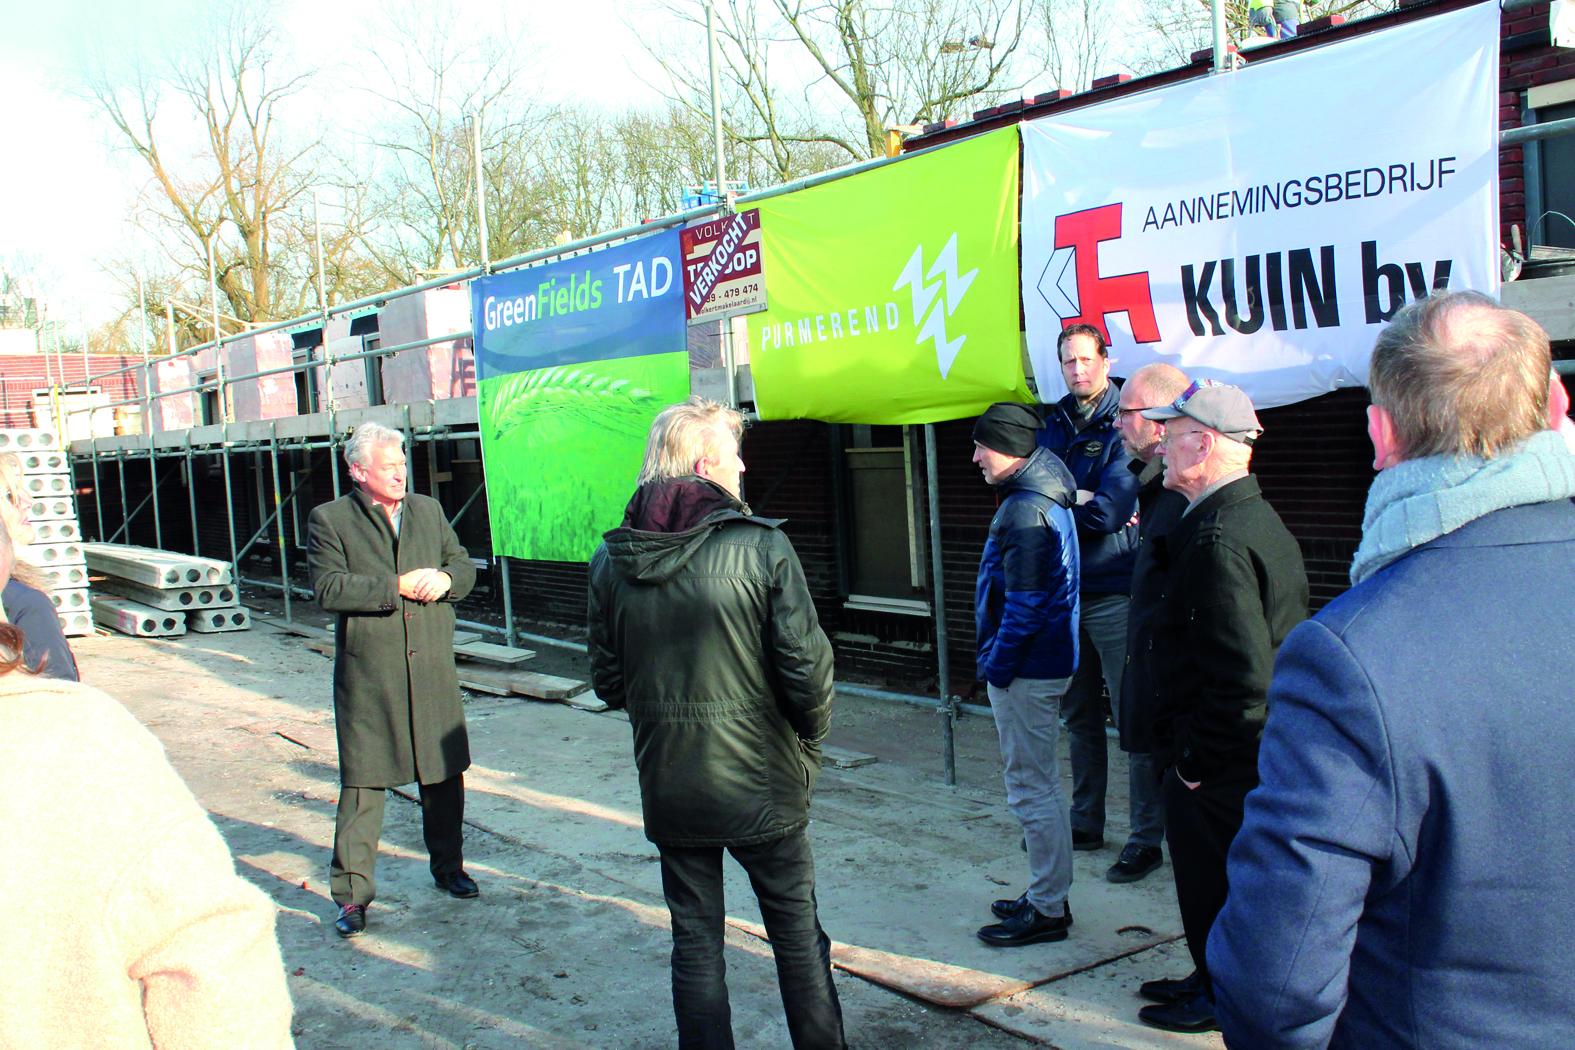 De verkopende makelaar Willem Haars (links) van Volkert nodigt de aanwezigen, waaronder Hans Krieger, uit voor de borrel na afloop van de steenlegging.  rodi.nl © rodi